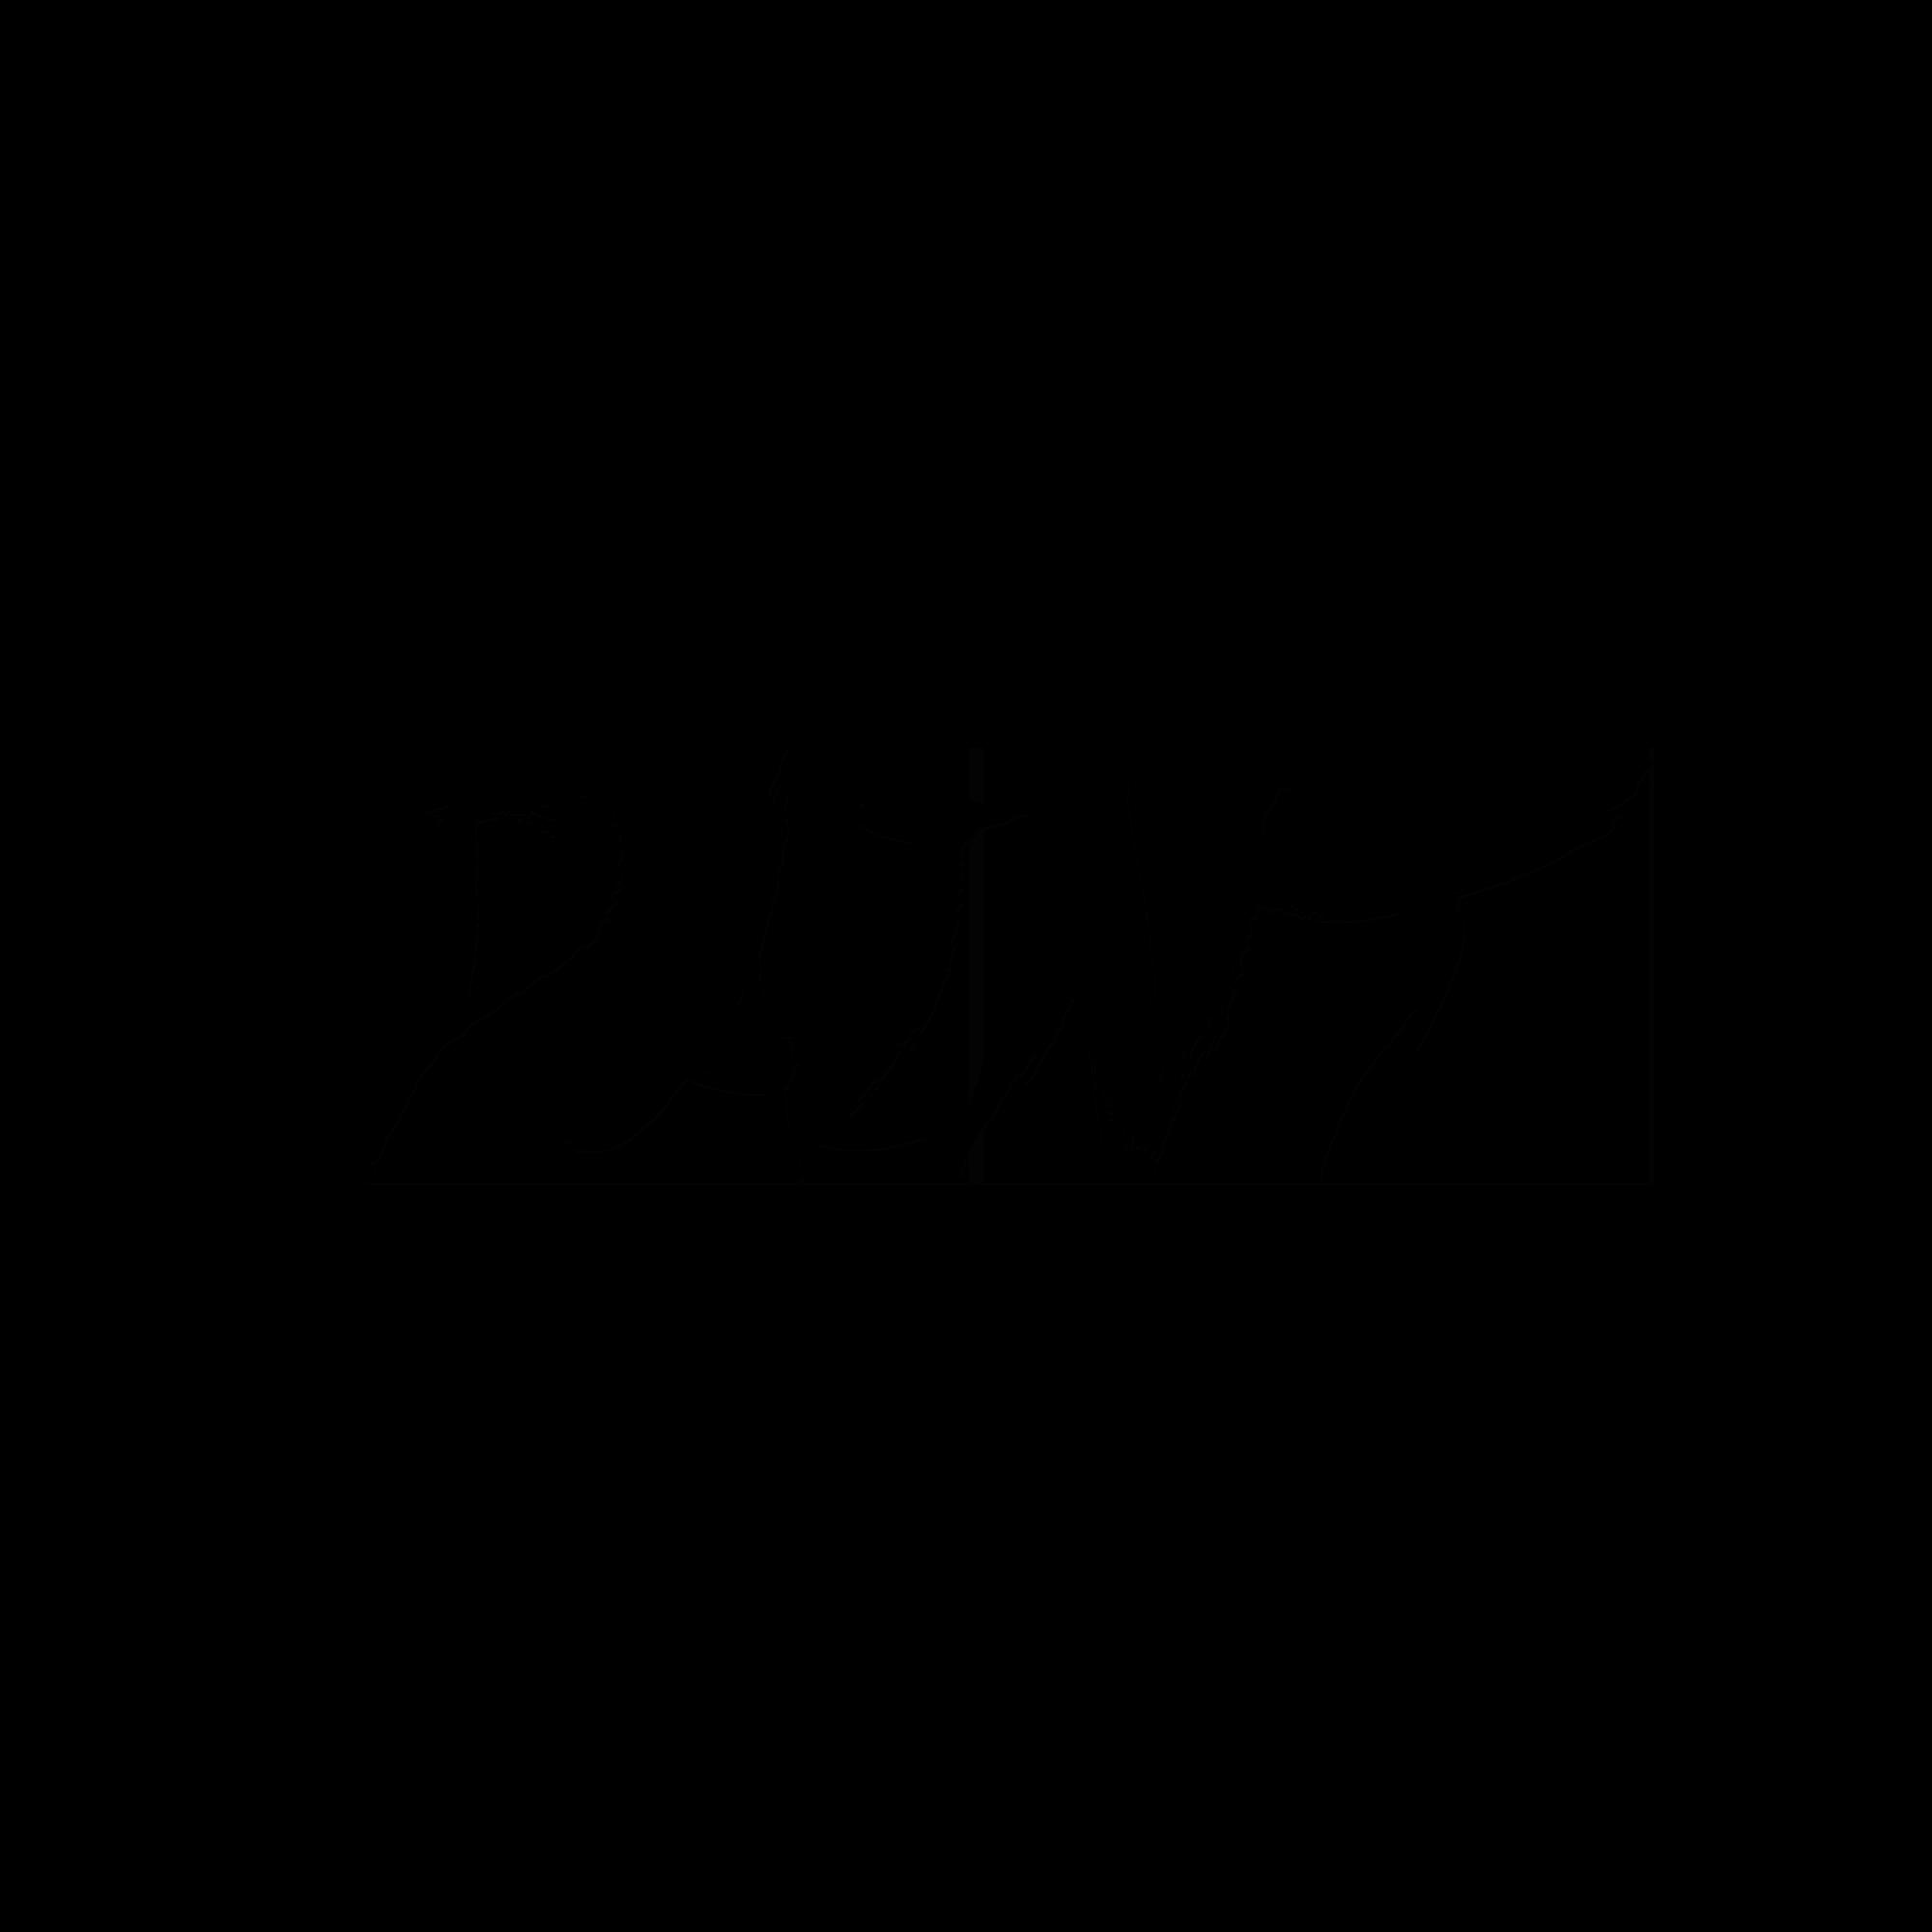 paint_logo_black.png